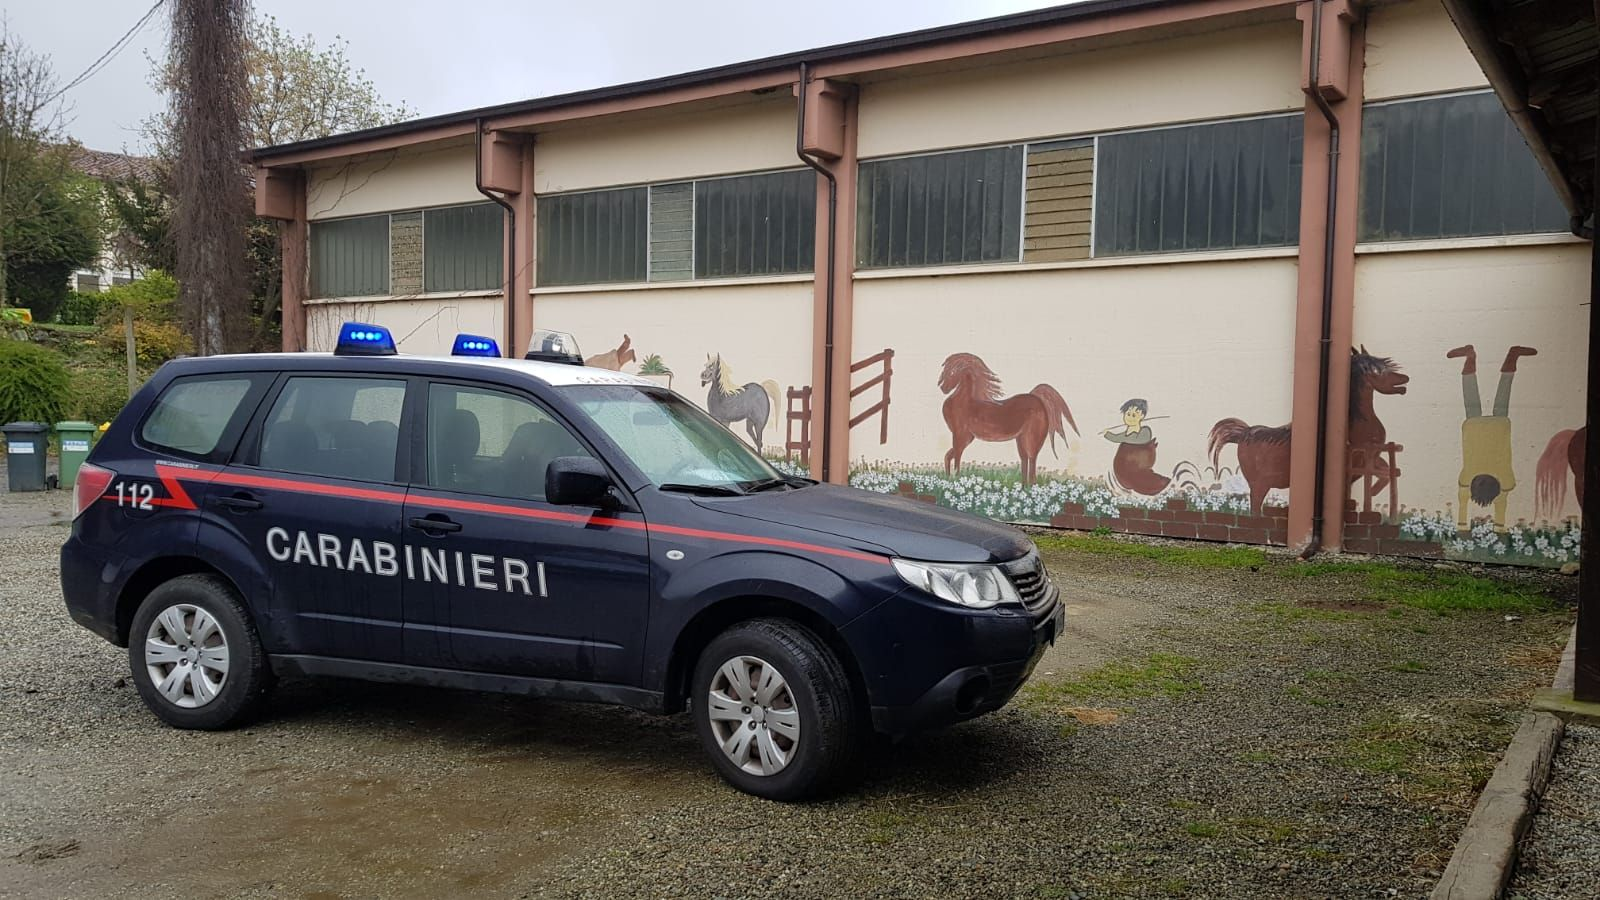 COLLERETTO CASTELNUOVO - Sfratto al maneggio: 12 cavalli bloccati dentro le stalle senza cibo - FOTO